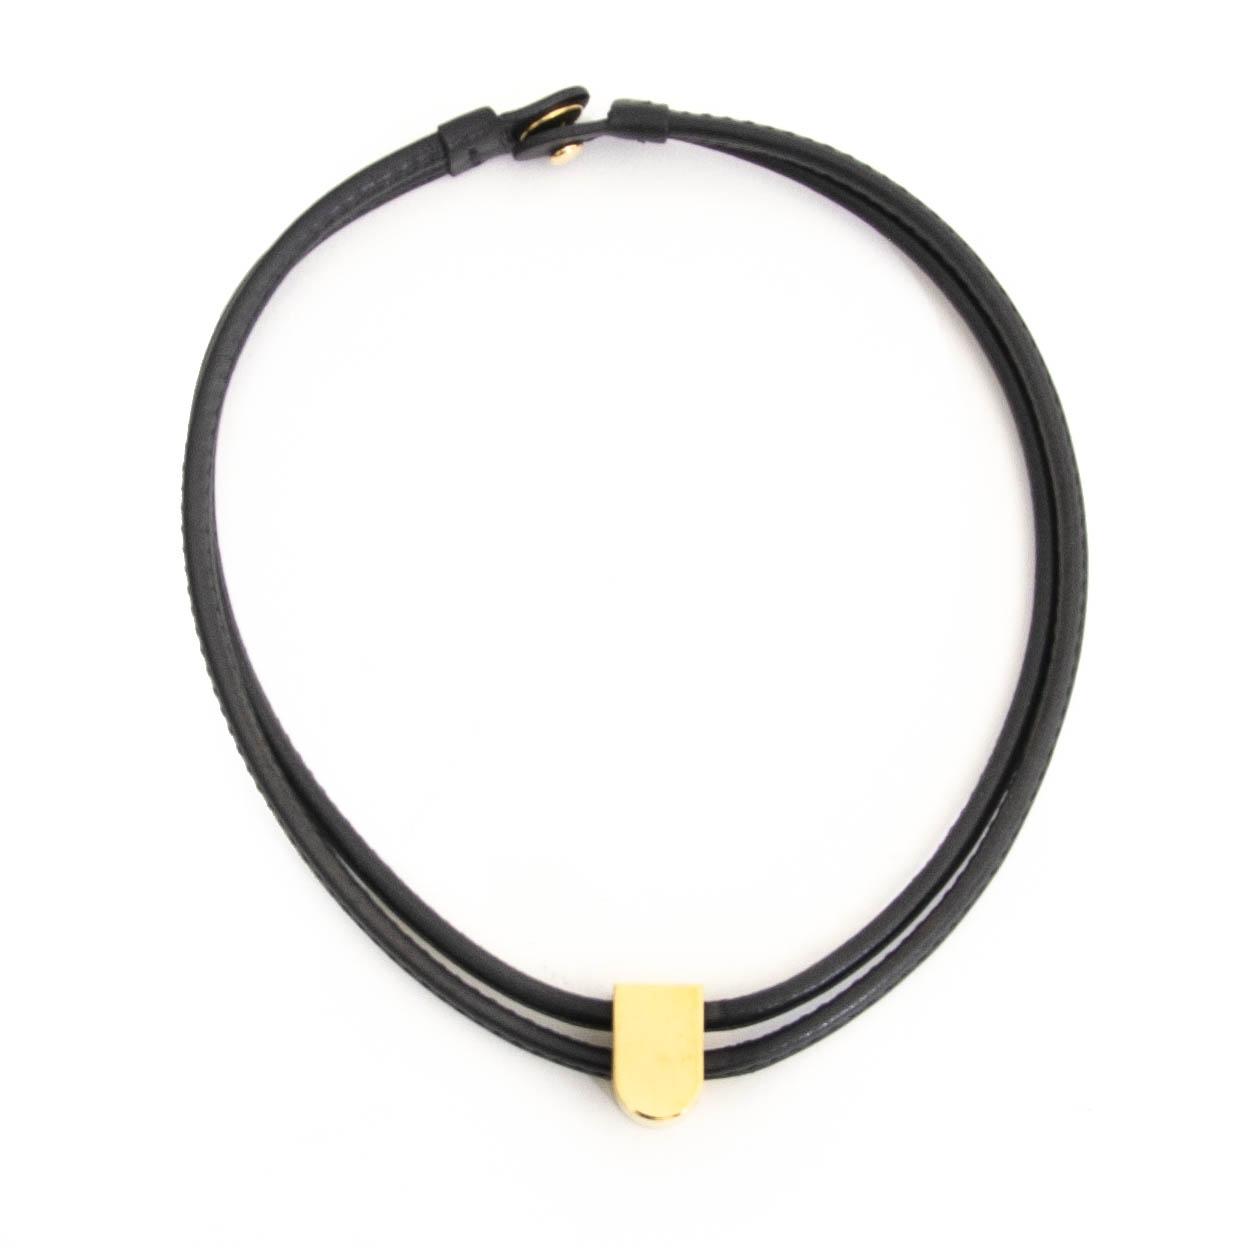 Delvaux Black Leather Gold D collier en ligne chez labellov.com pour le meilleur prix